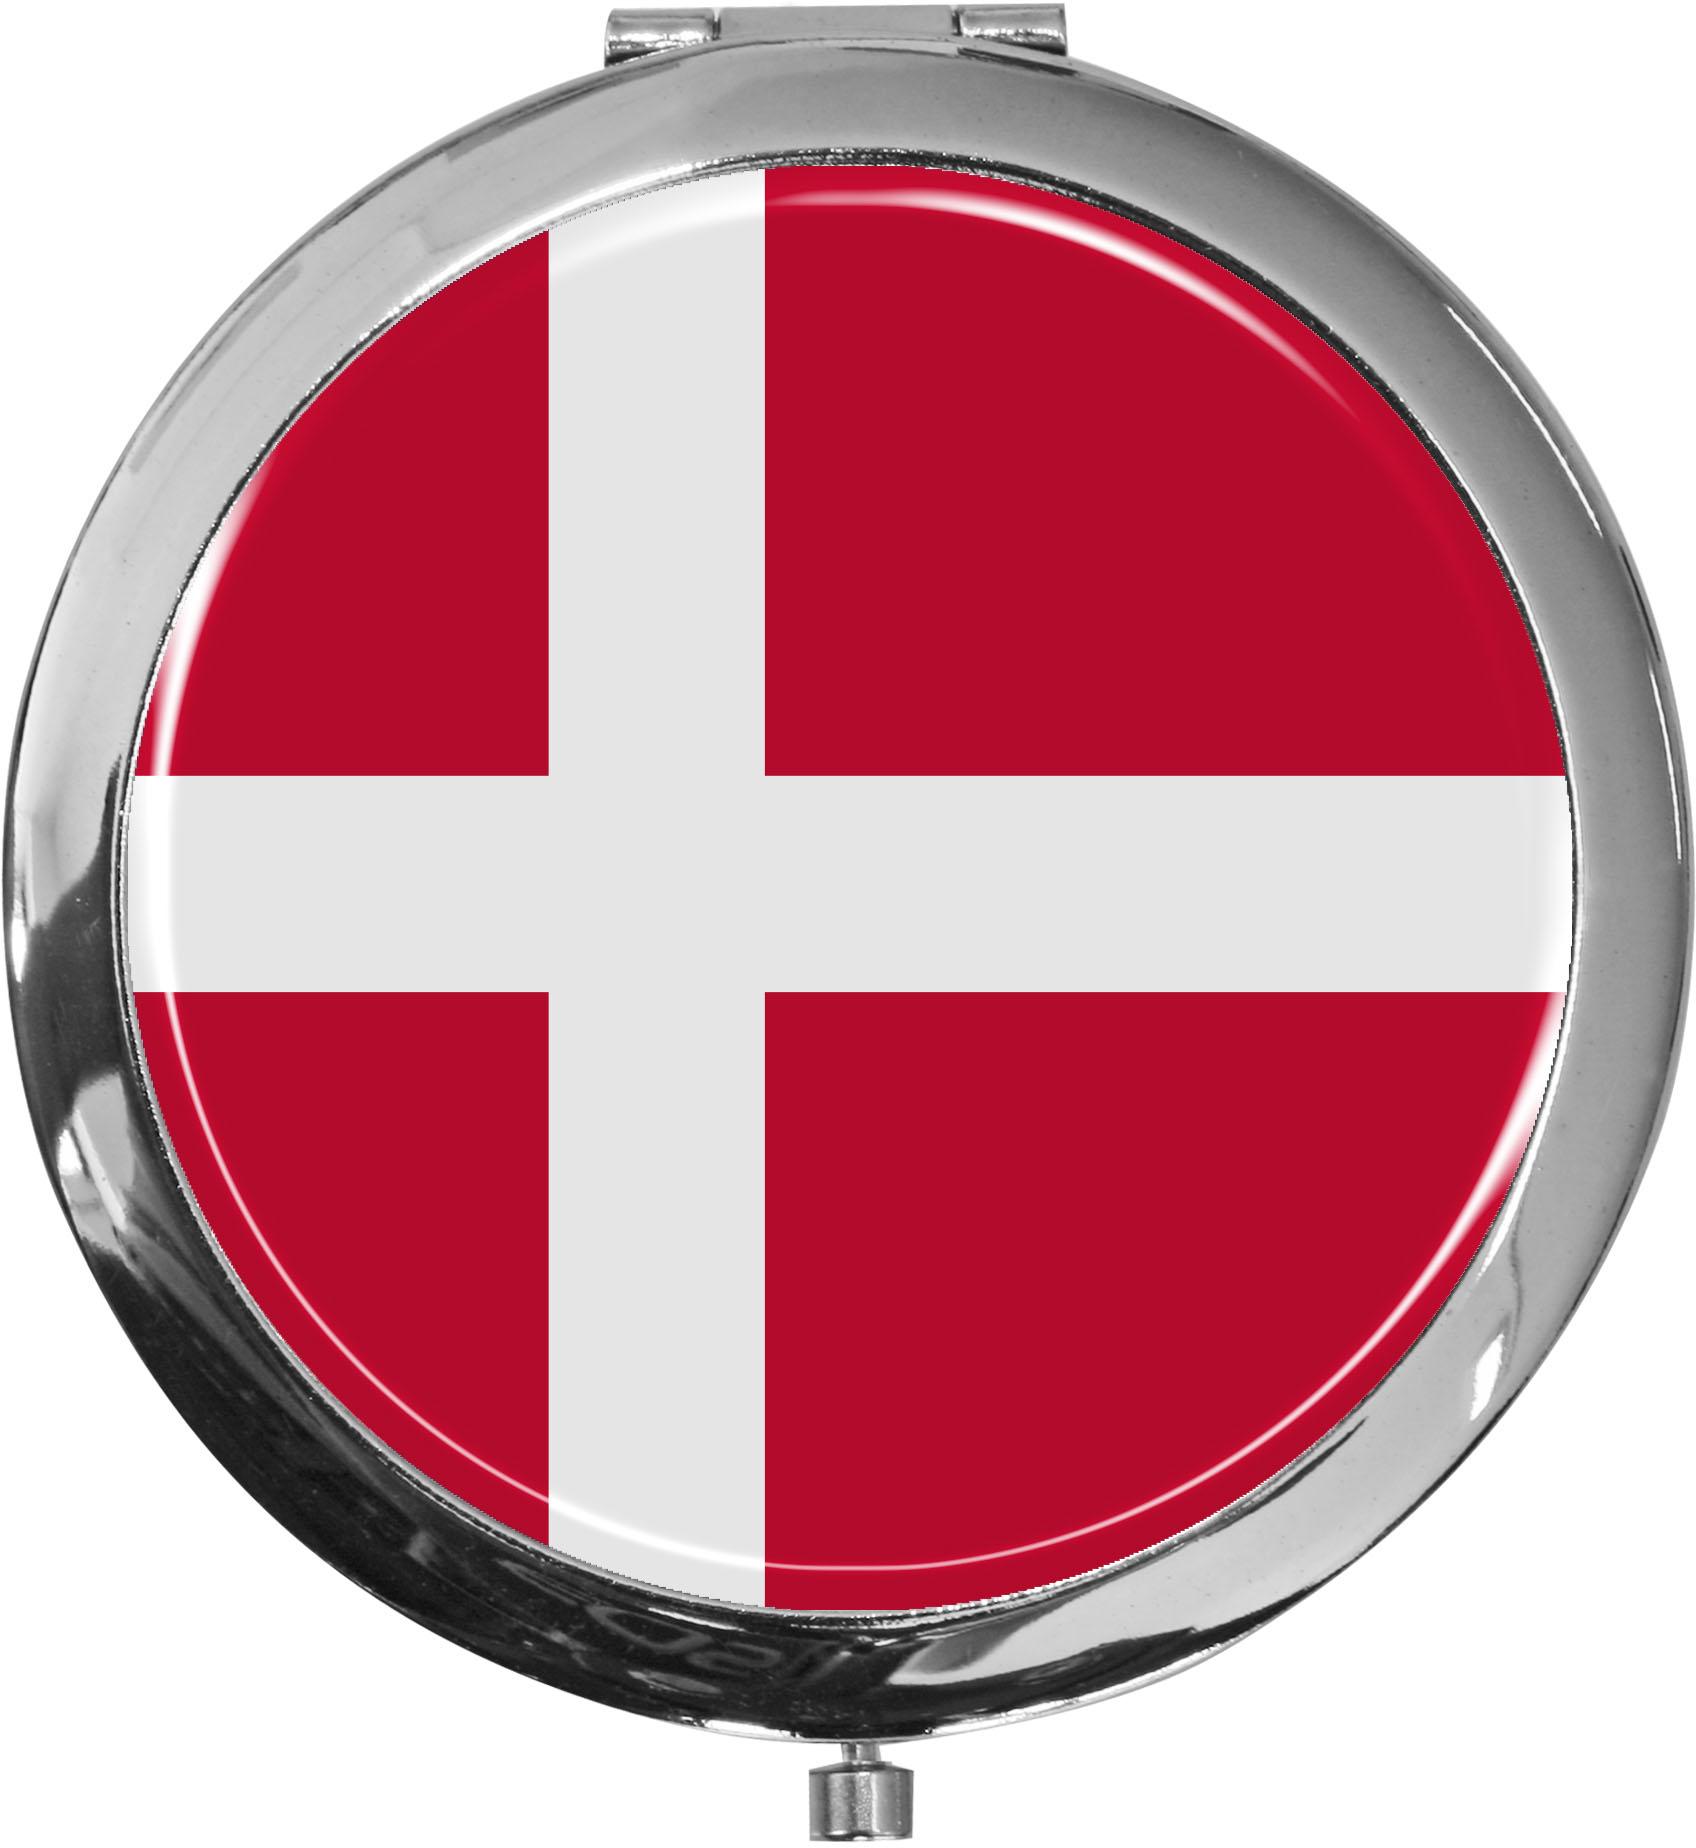 Taschenspiegel / Spiegel / Flagge Dänemark / 2 fache Vergrößerung